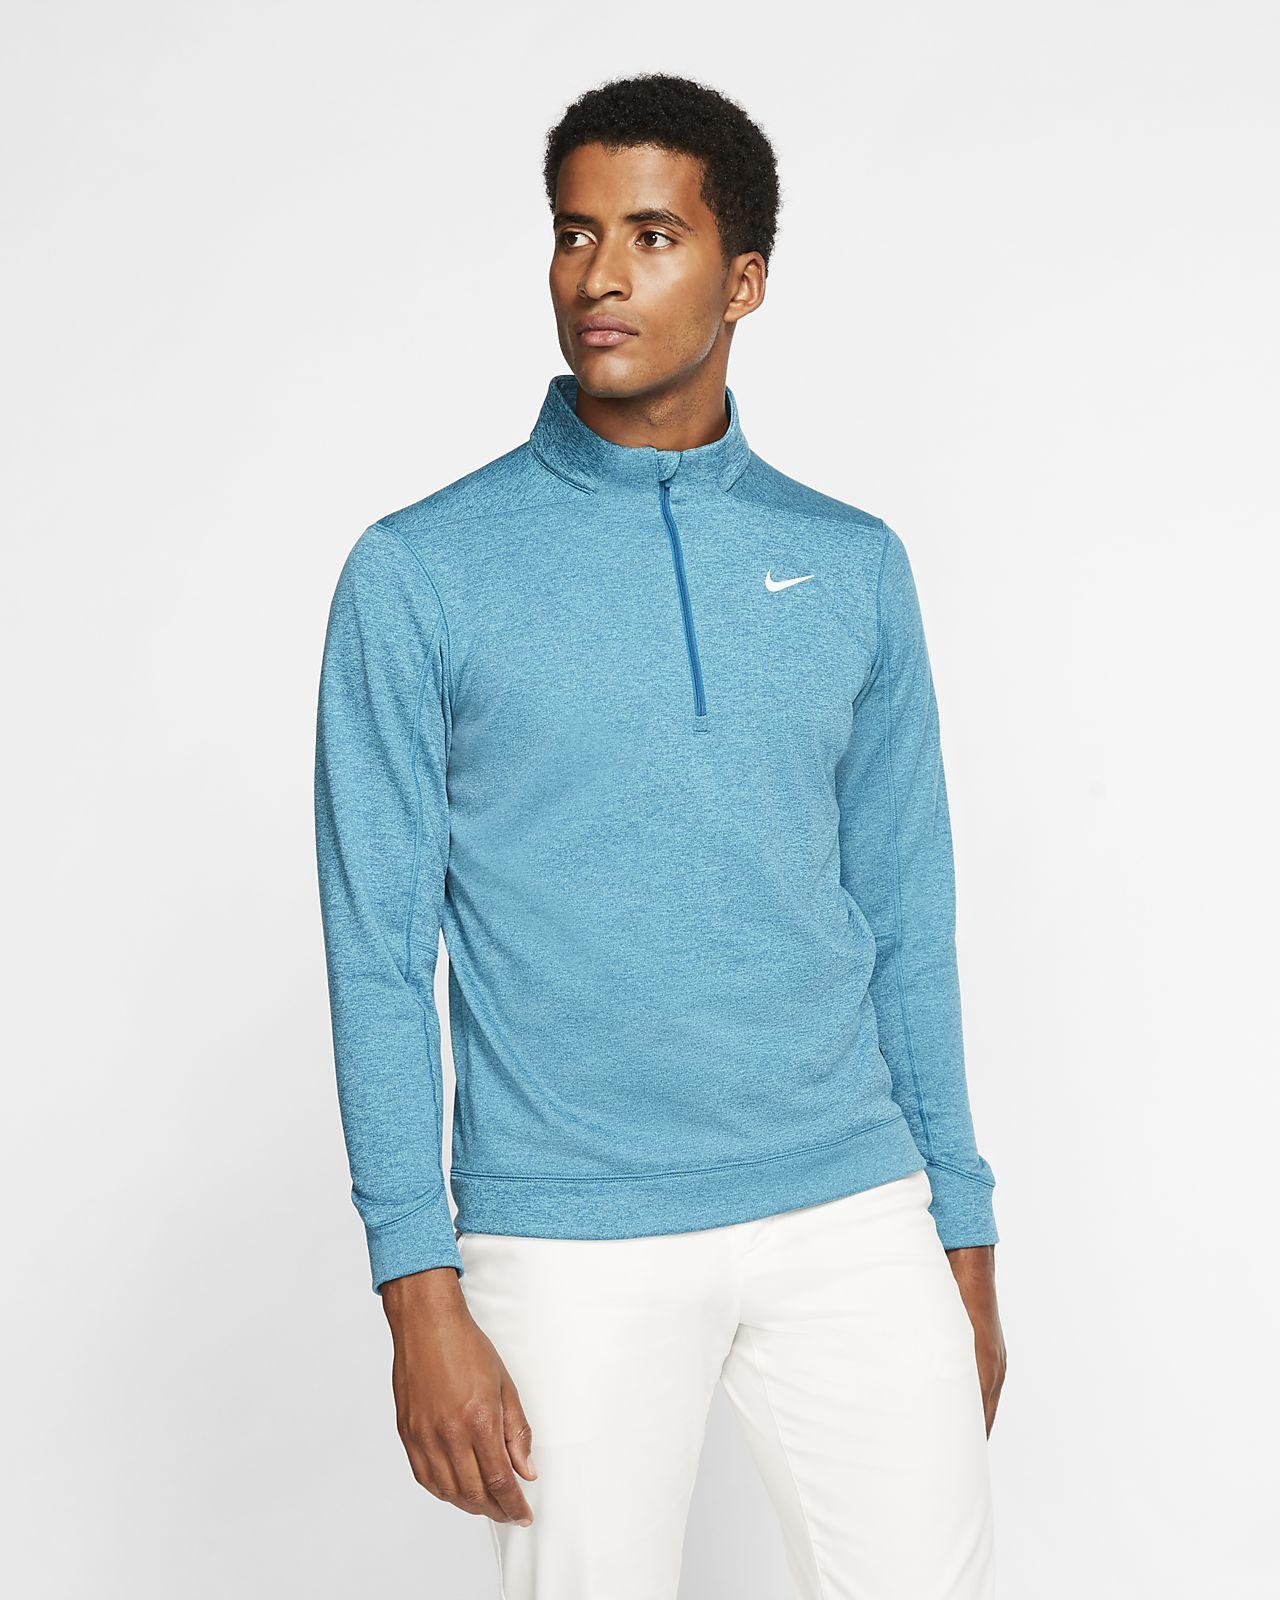 Nike Therma Repel Men's 1/2-Zip Golf Top